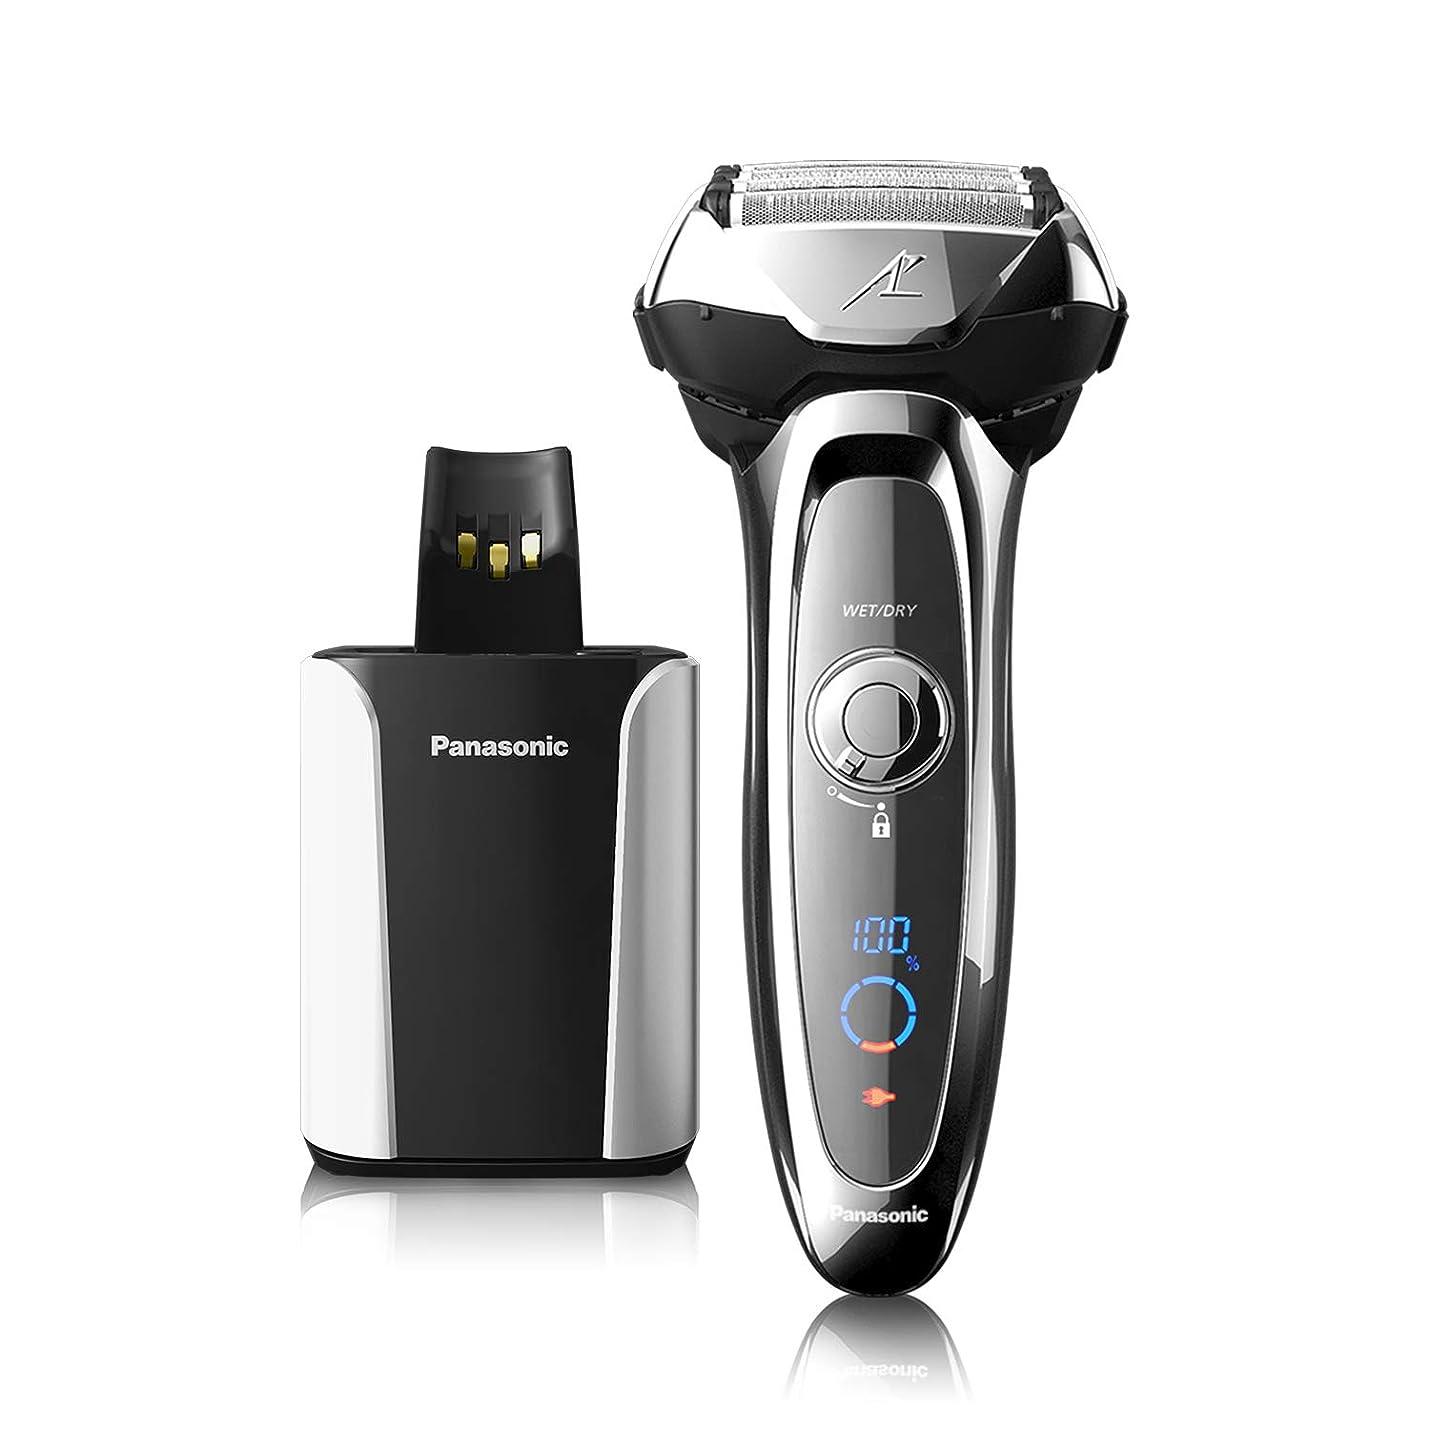 利得ちっちゃい銛Panasonic ES-LV95-S Arc5 Wet/Dry Shaver with Cleaning and Charging System(US Version, Imported)